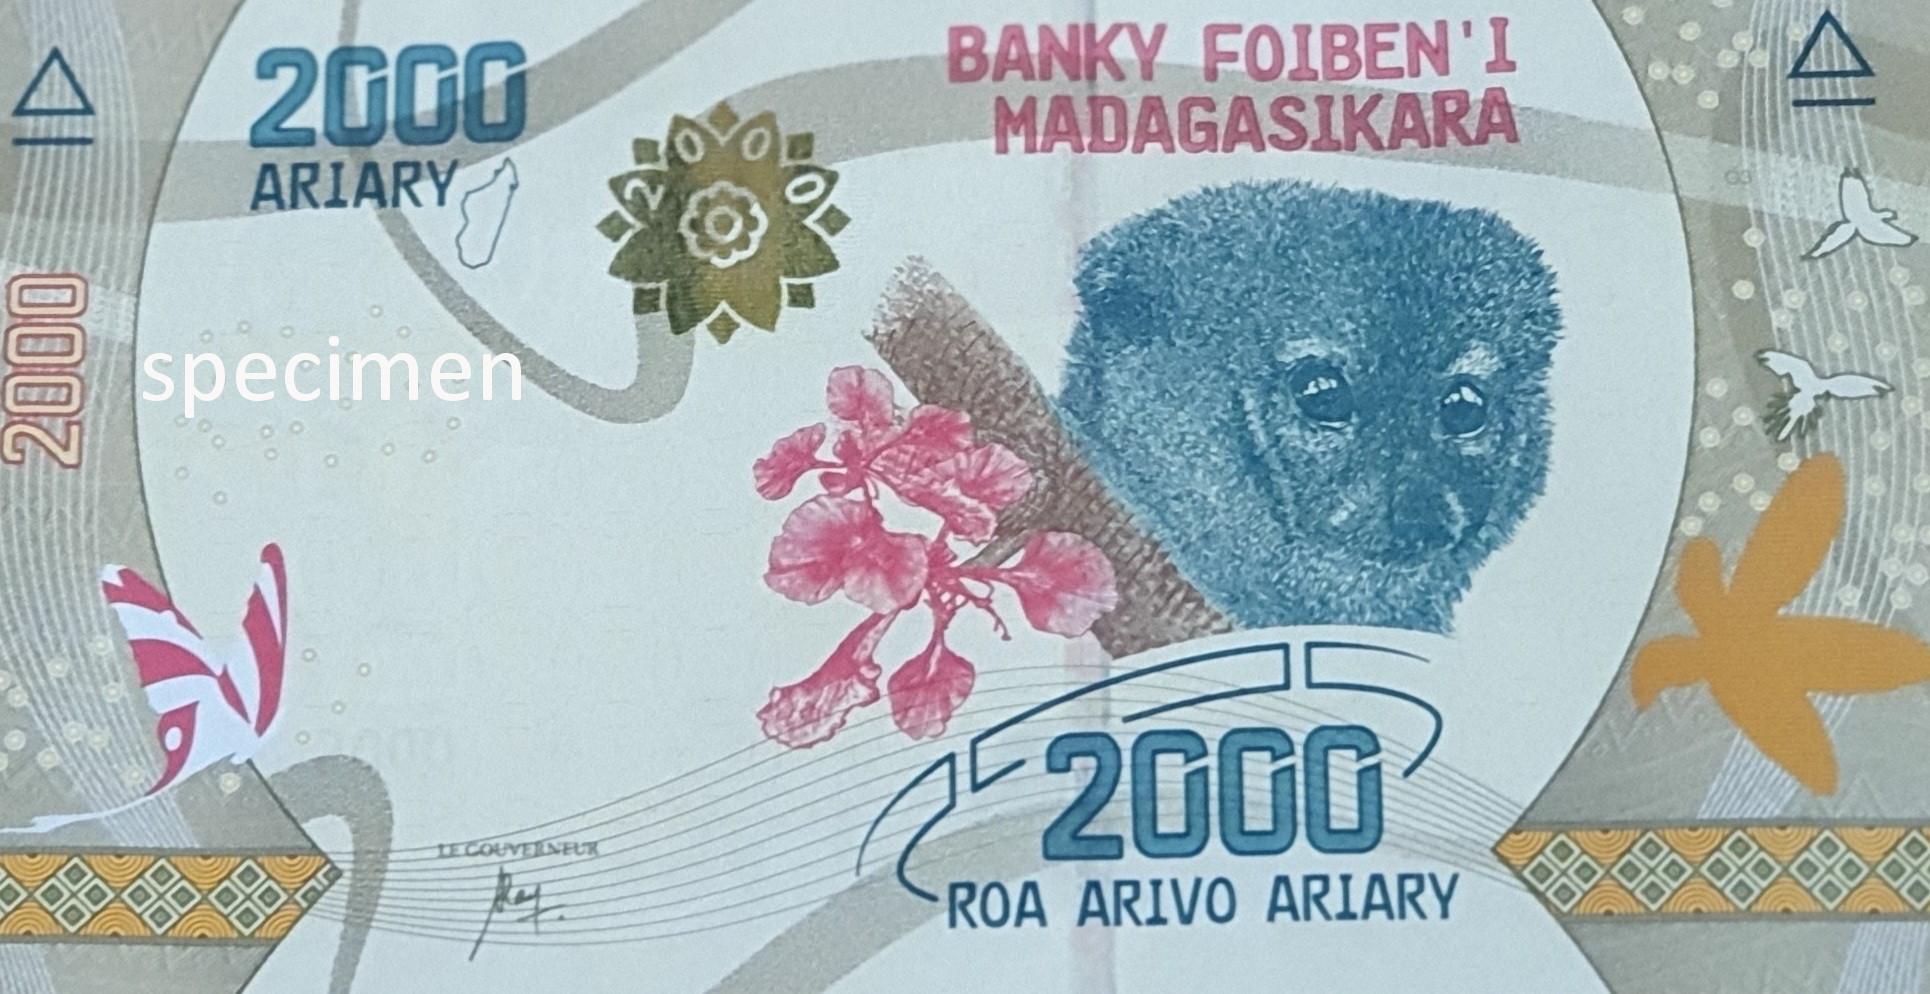 Banknote in Madagaskar, Geldschein von 2000 Ariary